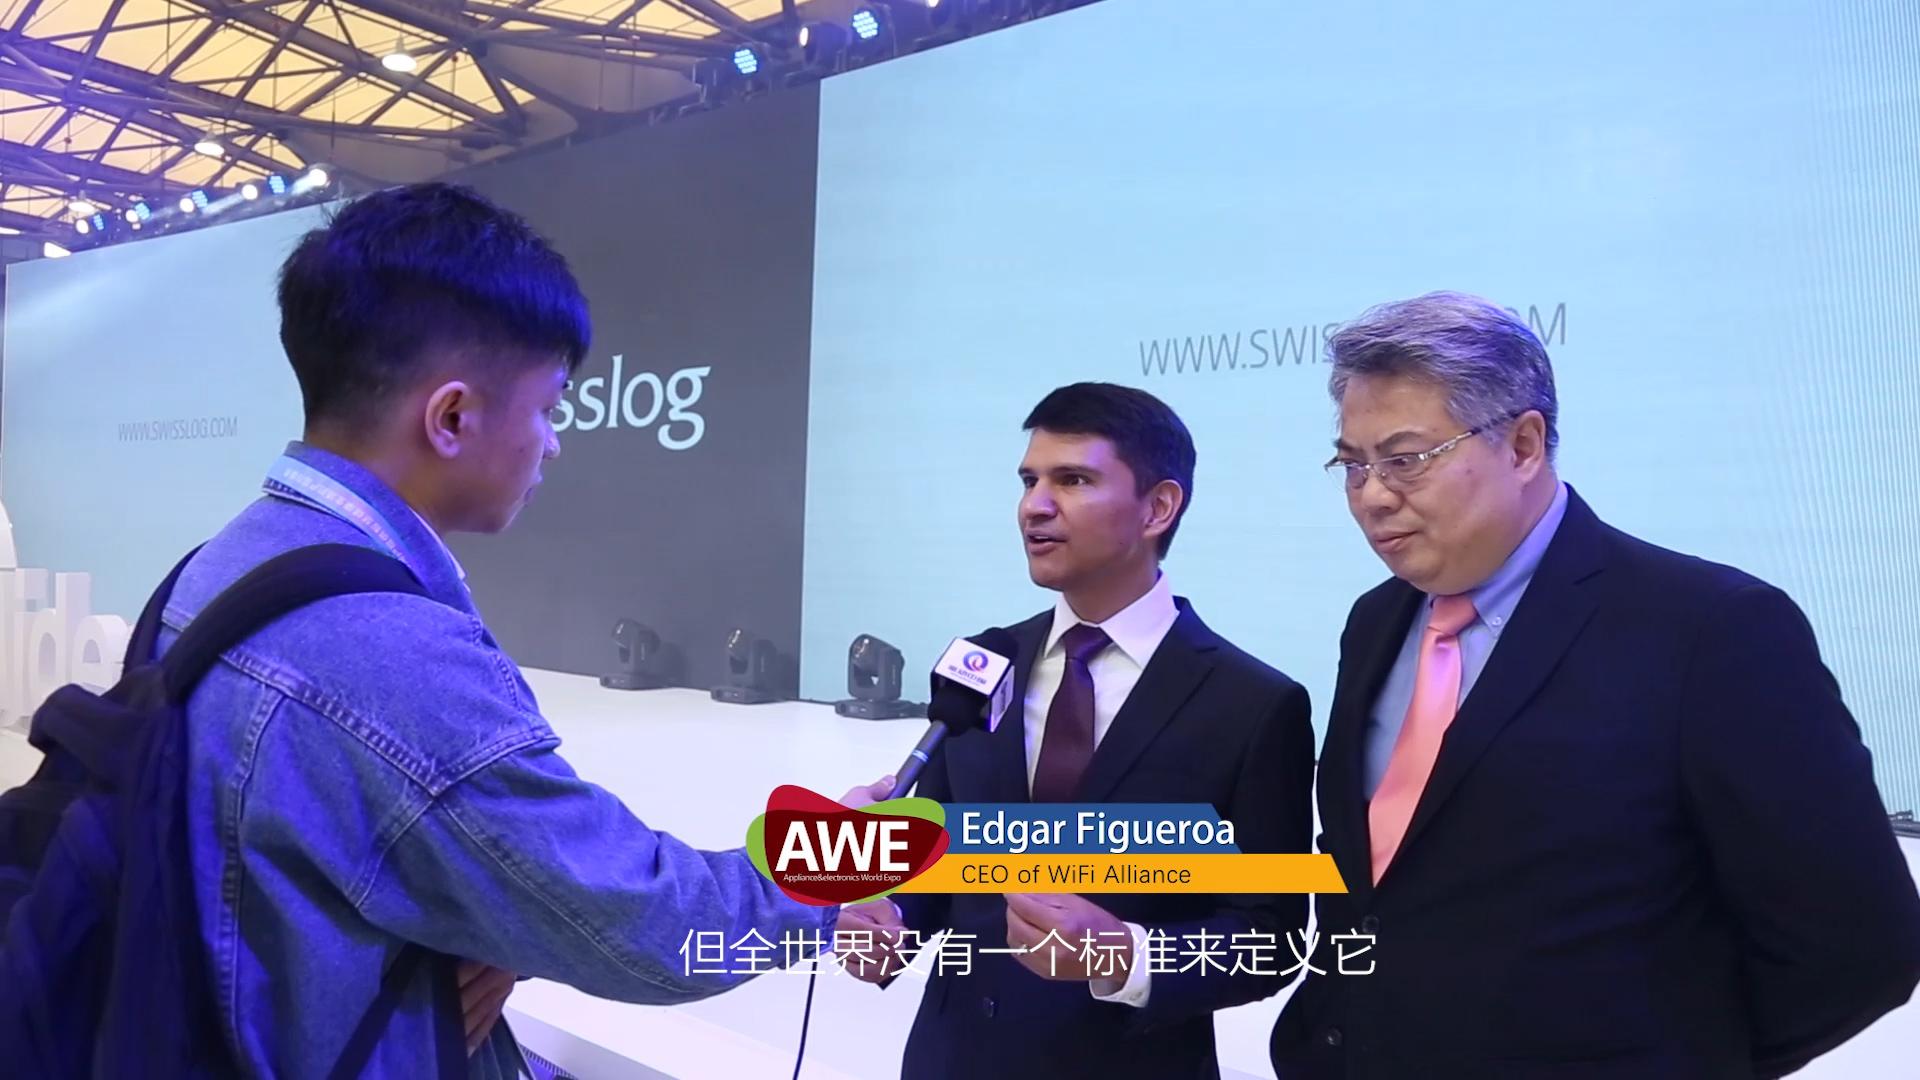 驱动中国独家对话Wi-Fi联盟CEO 畅谈智能家居